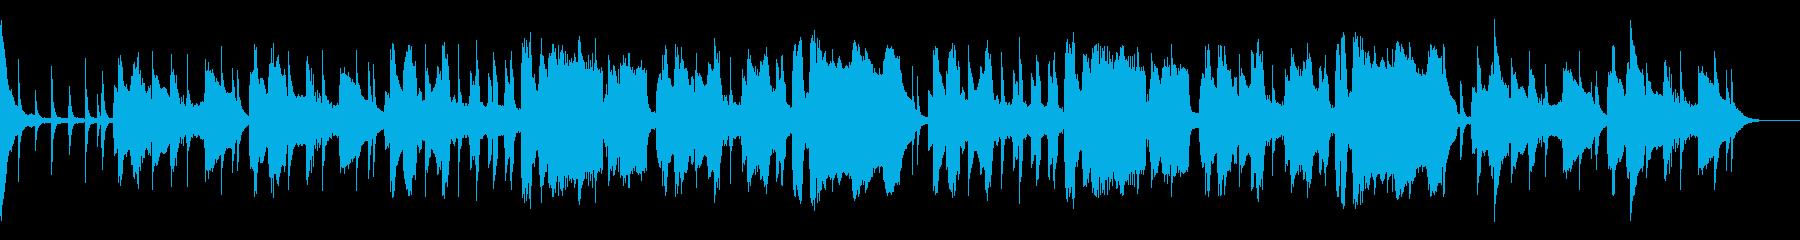 ピンクの豹のようなミステリー風楽曲の再生済みの波形